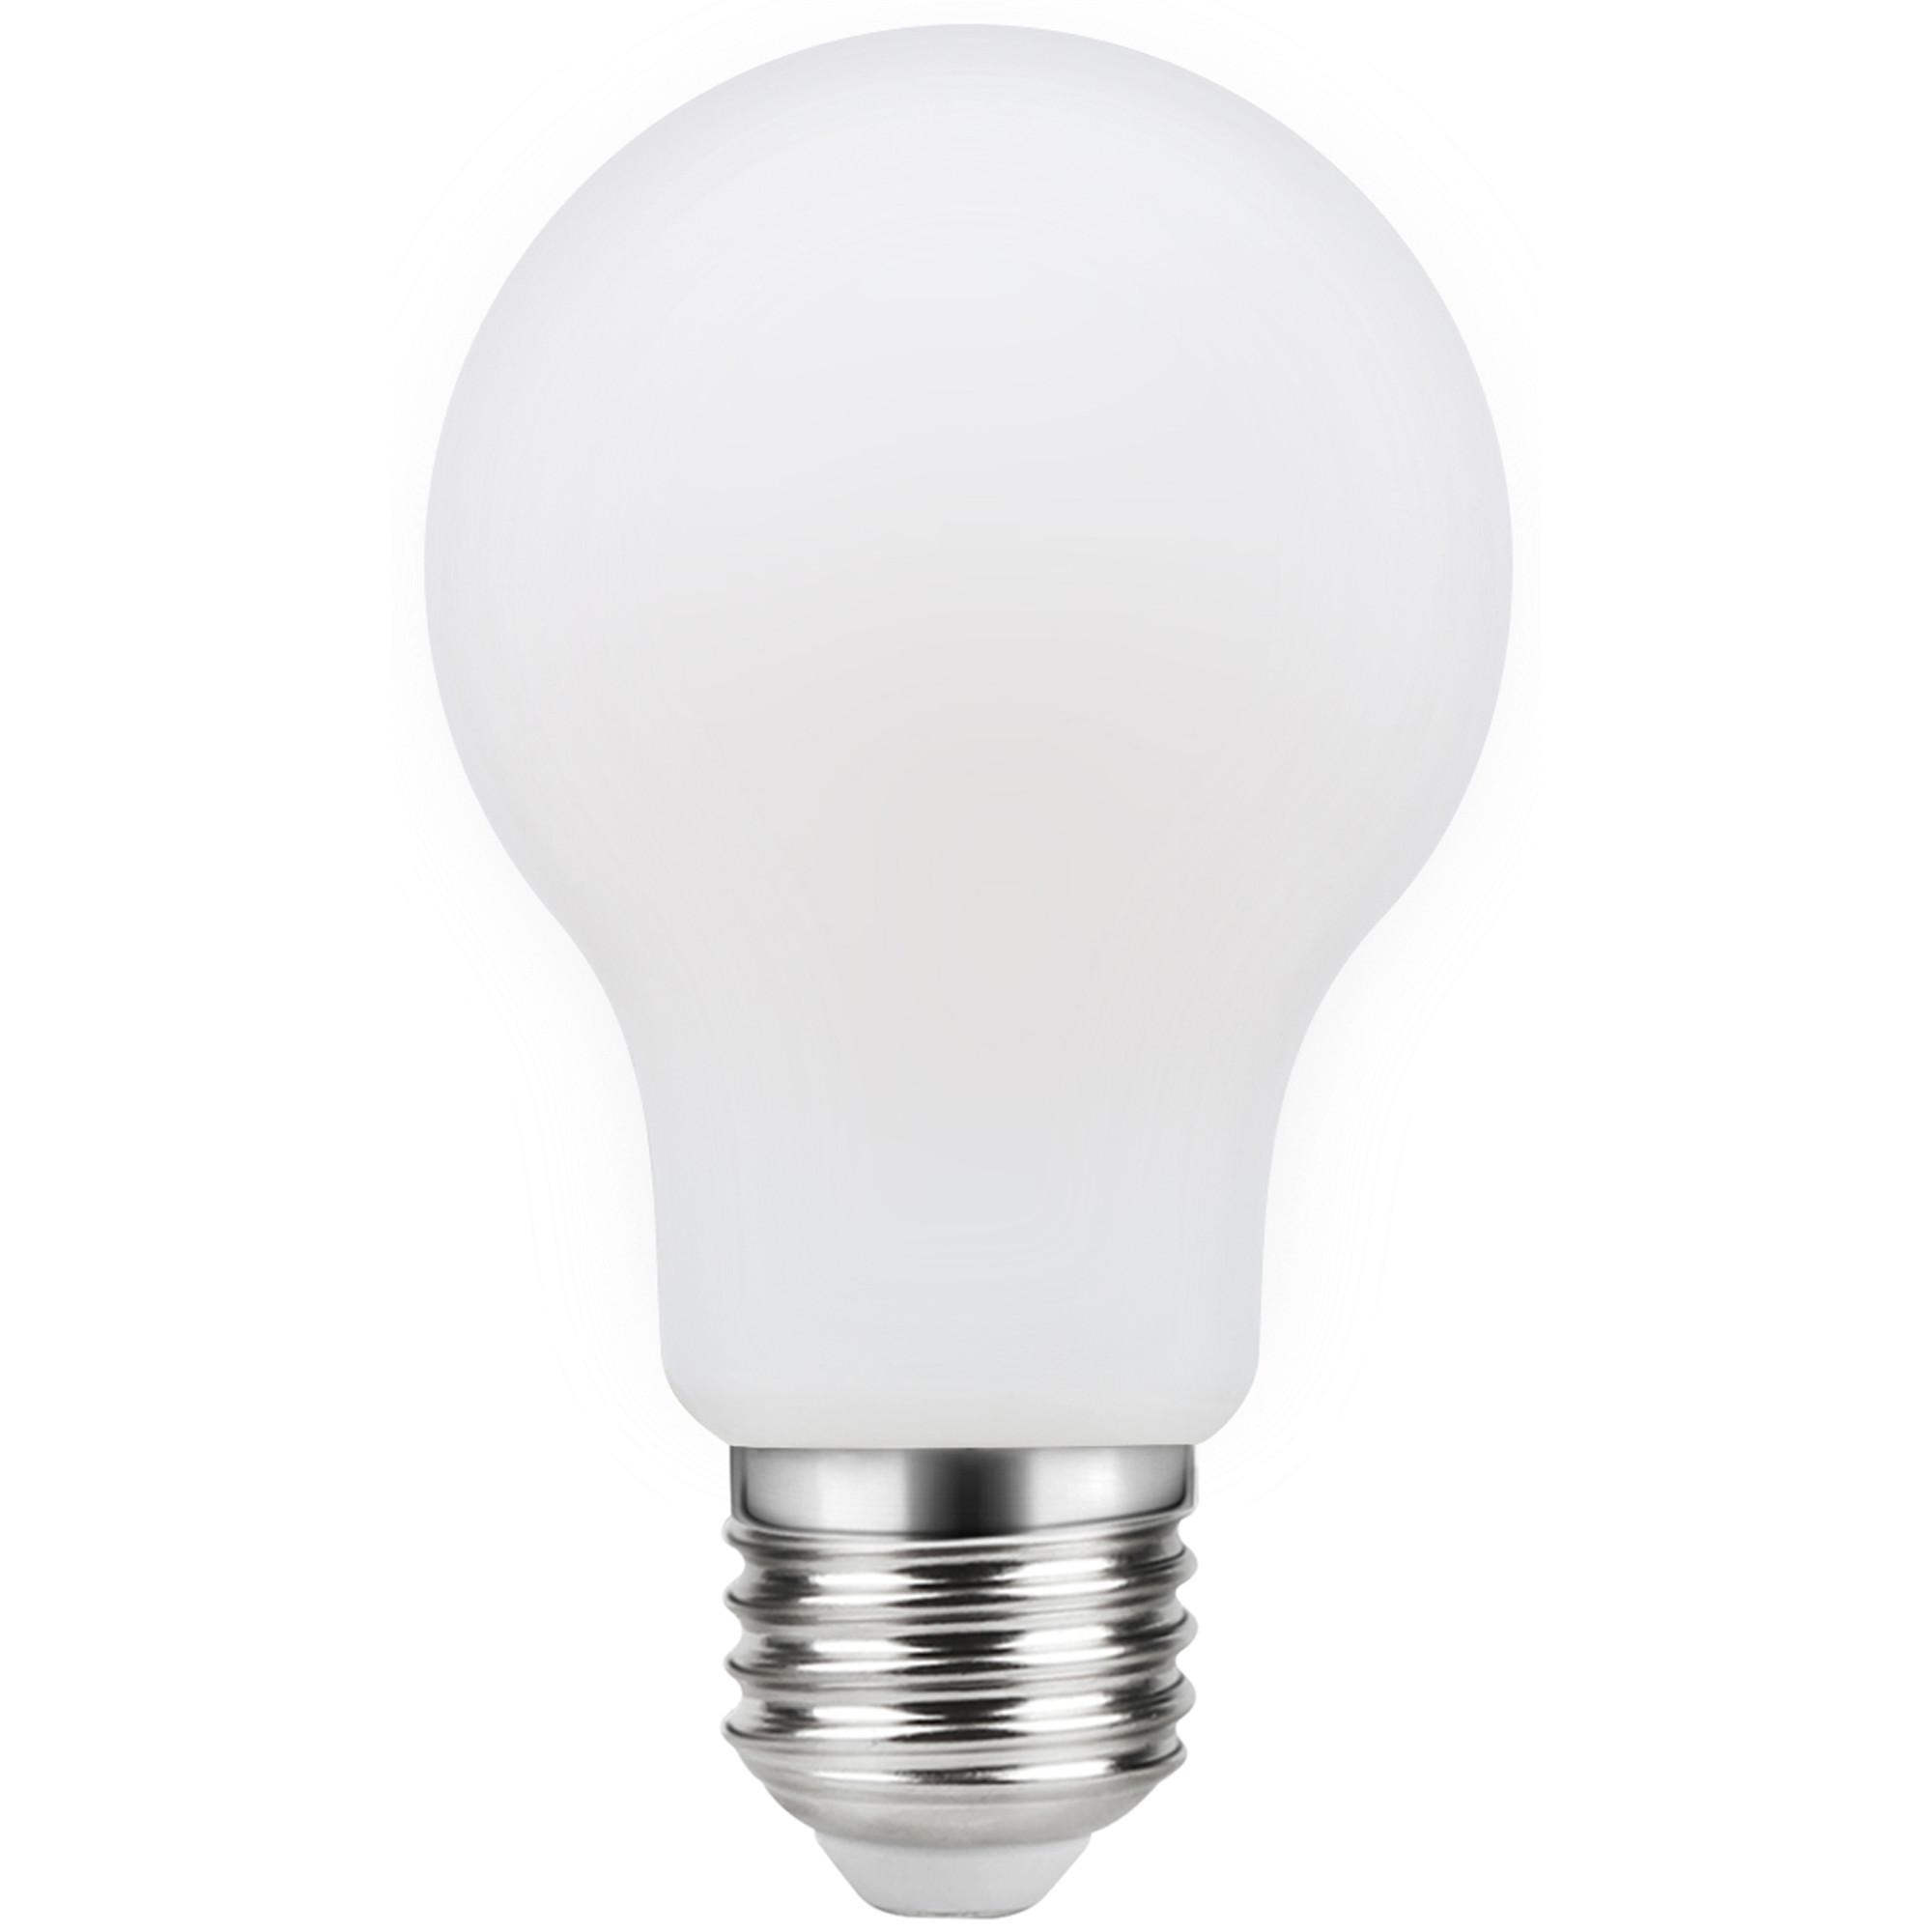 Лампа светодиодная филаментная Lexman E27 220 В 11 Вт груша матовая 1521 лм тёплый белый свет